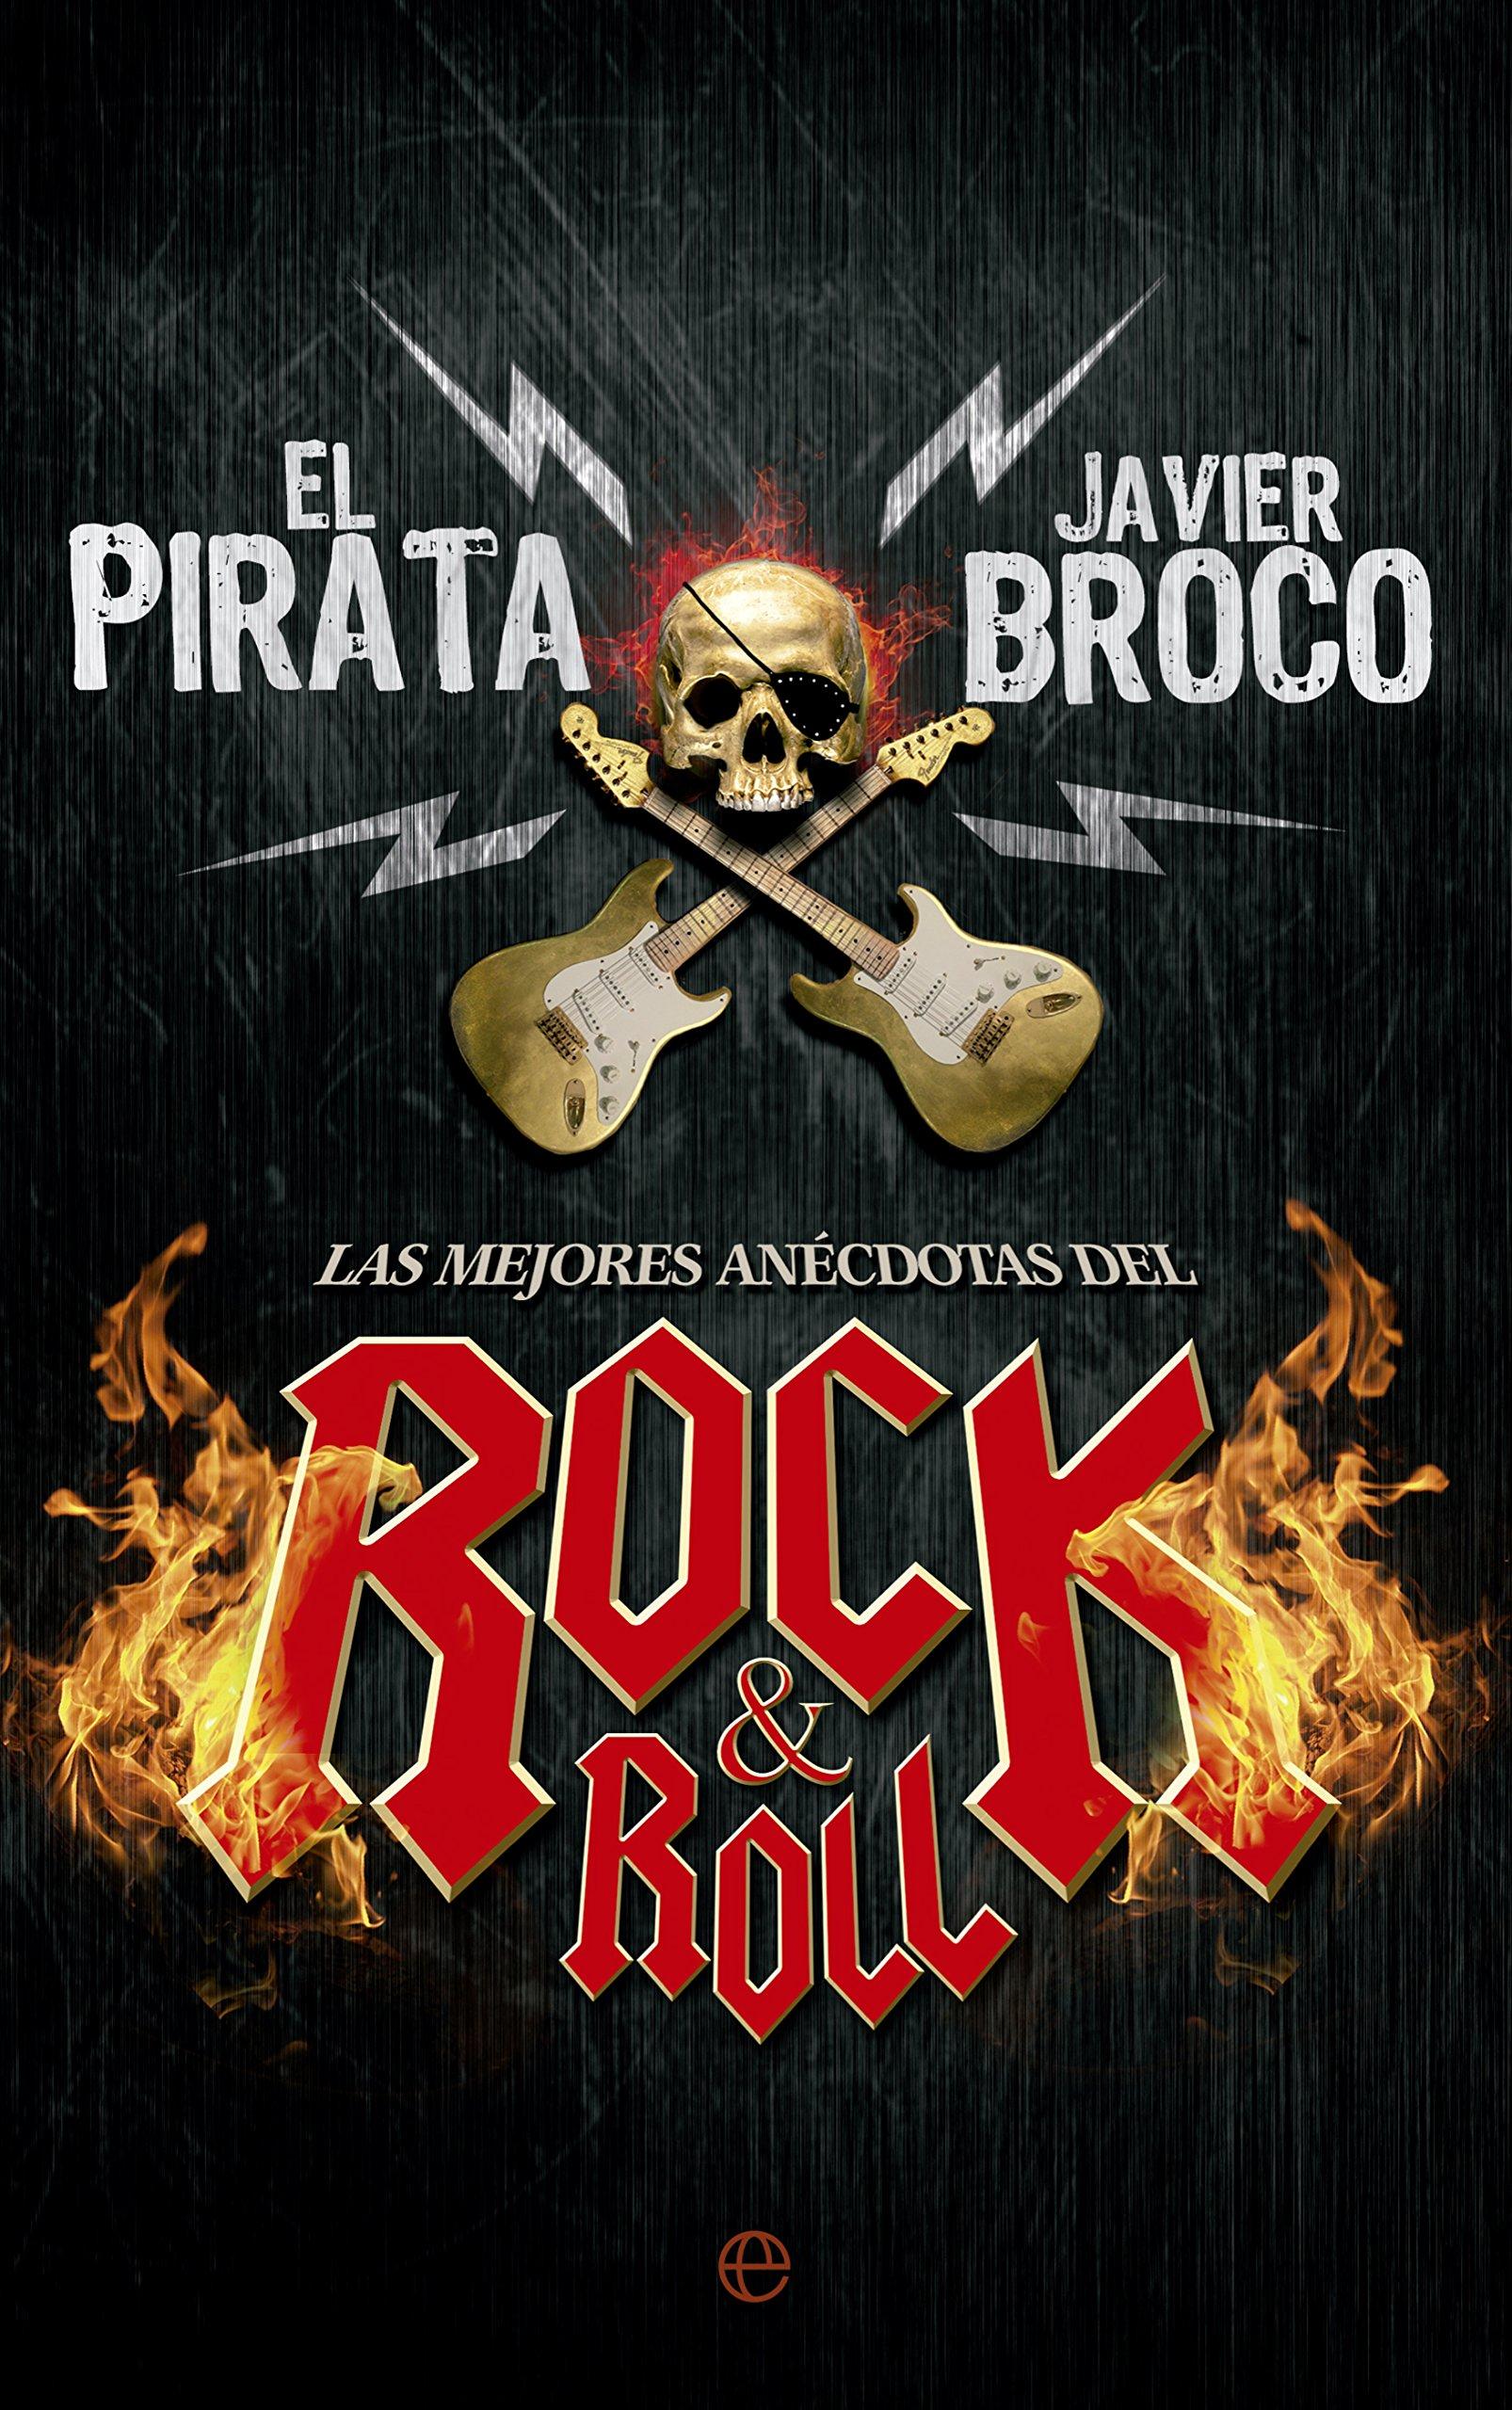 Las Mejores Anécdotas Del Rock & Roll Fuera de colección: Amazon.es: El pirata, Alonso Broco, Javier: Libros